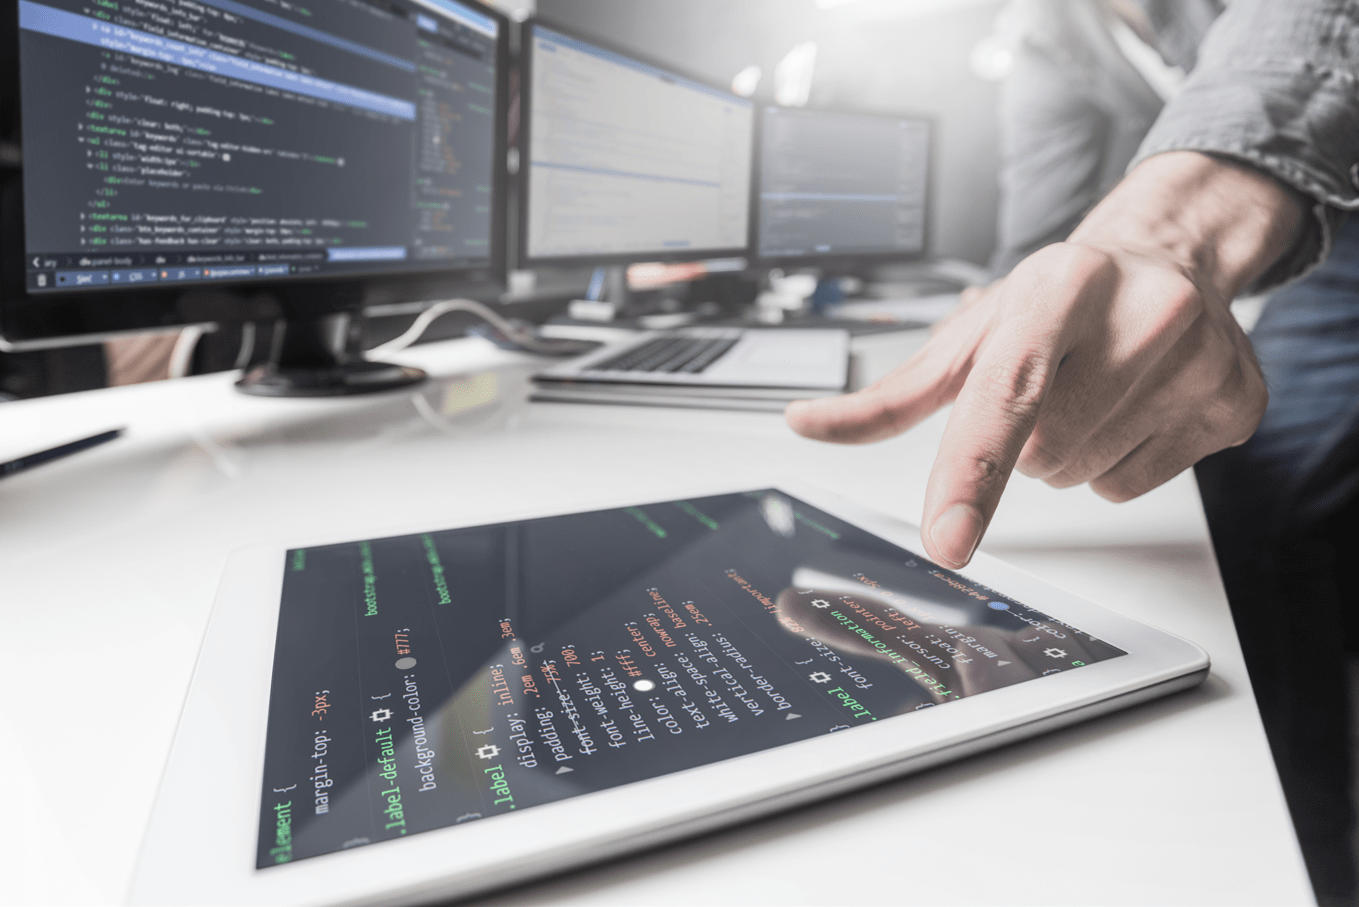 persona desarrollando software low code